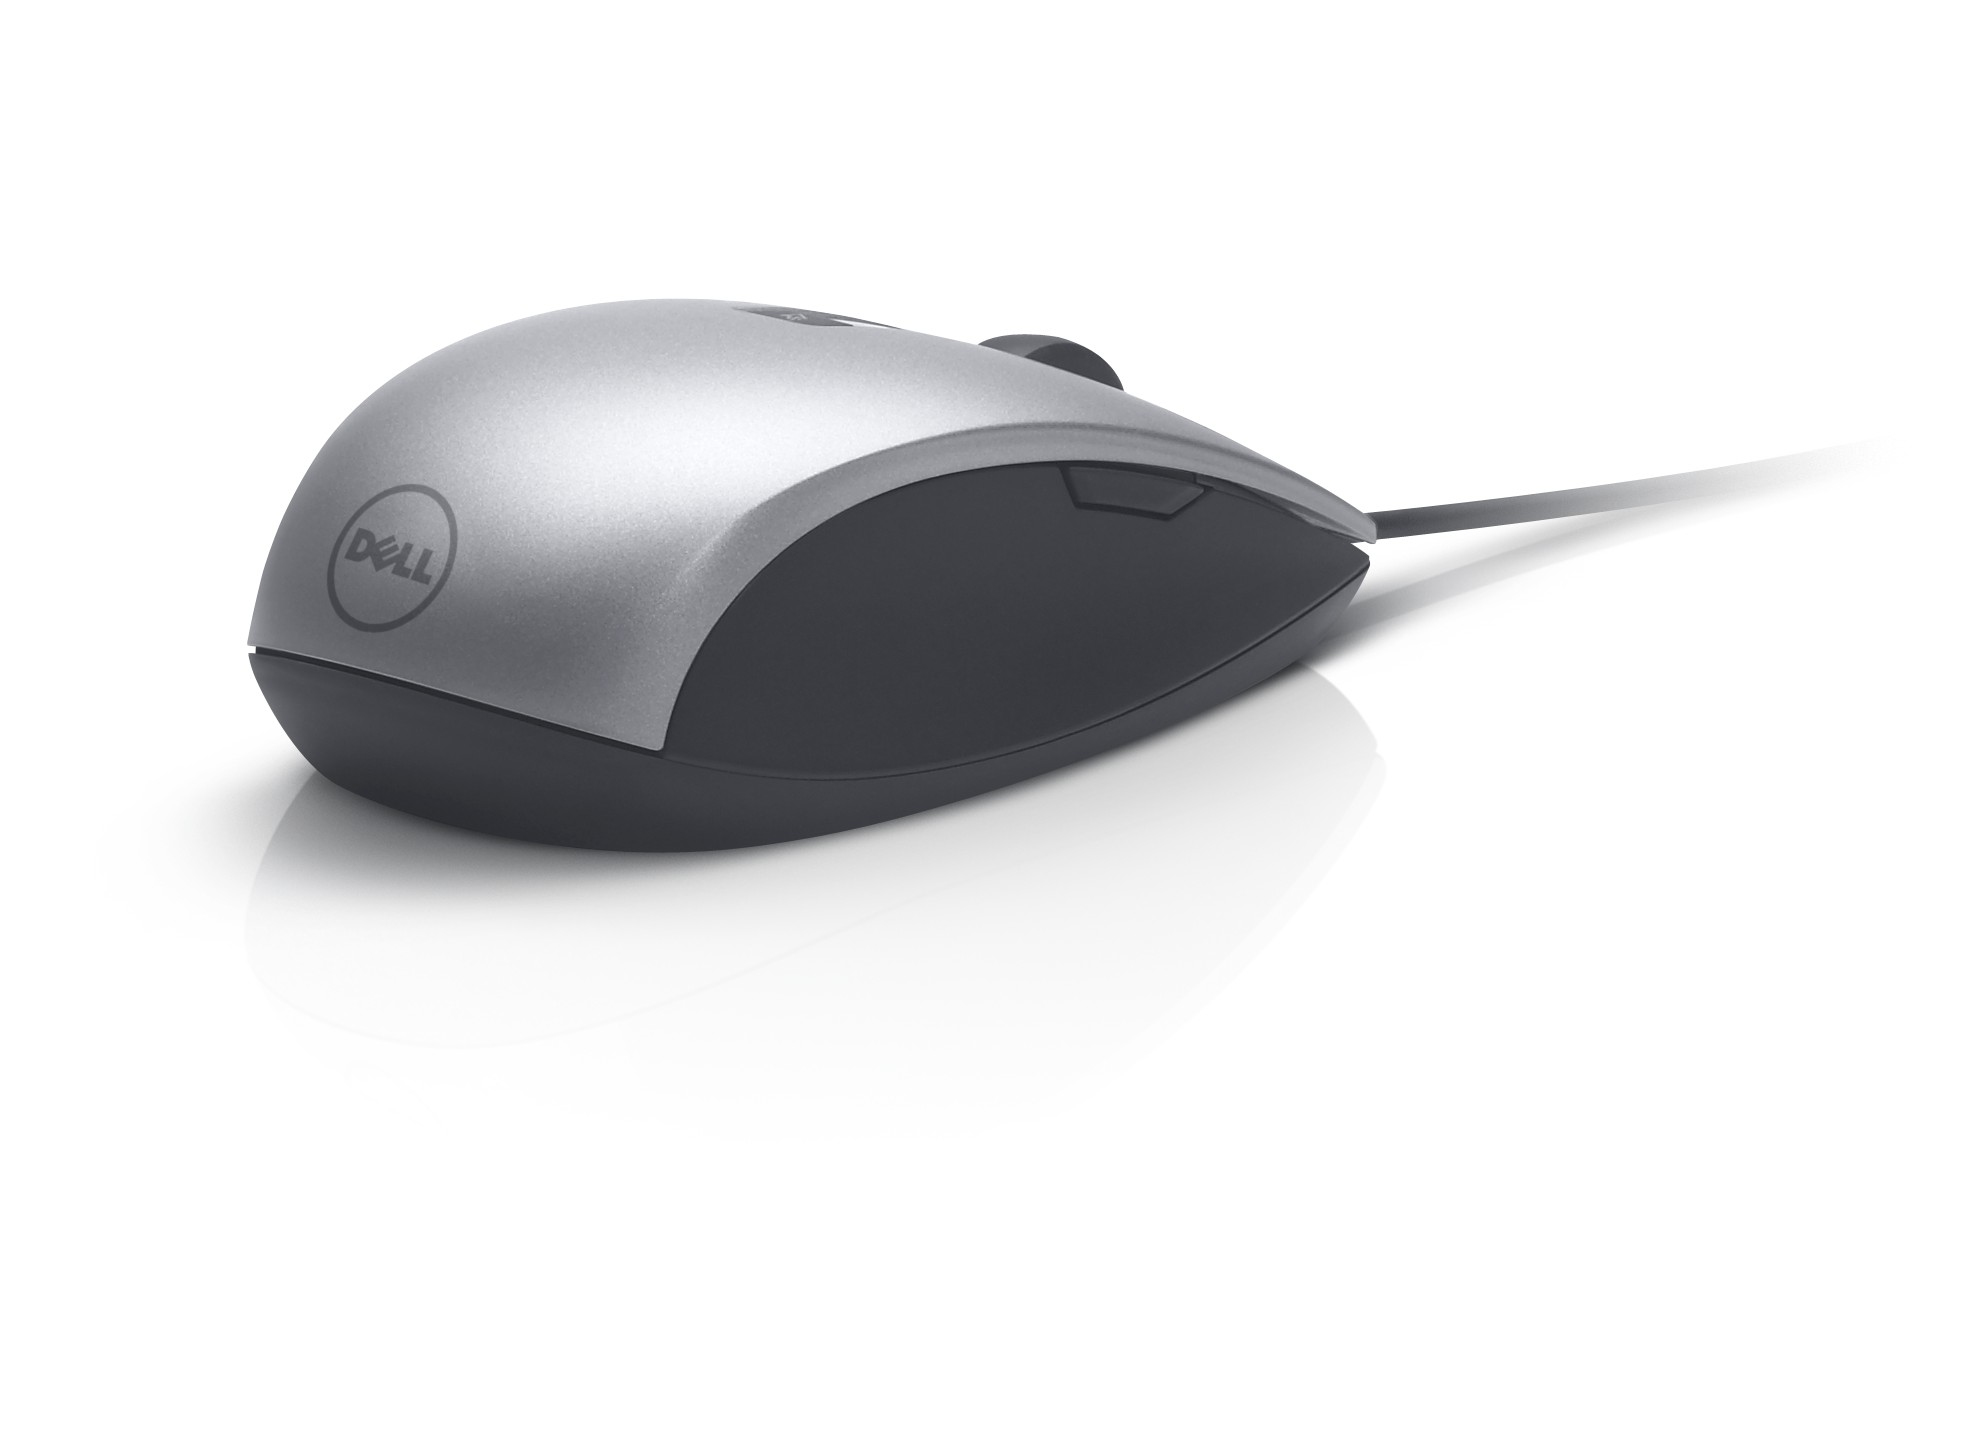 9bfafc8aa1b DELL 570-10523 mice